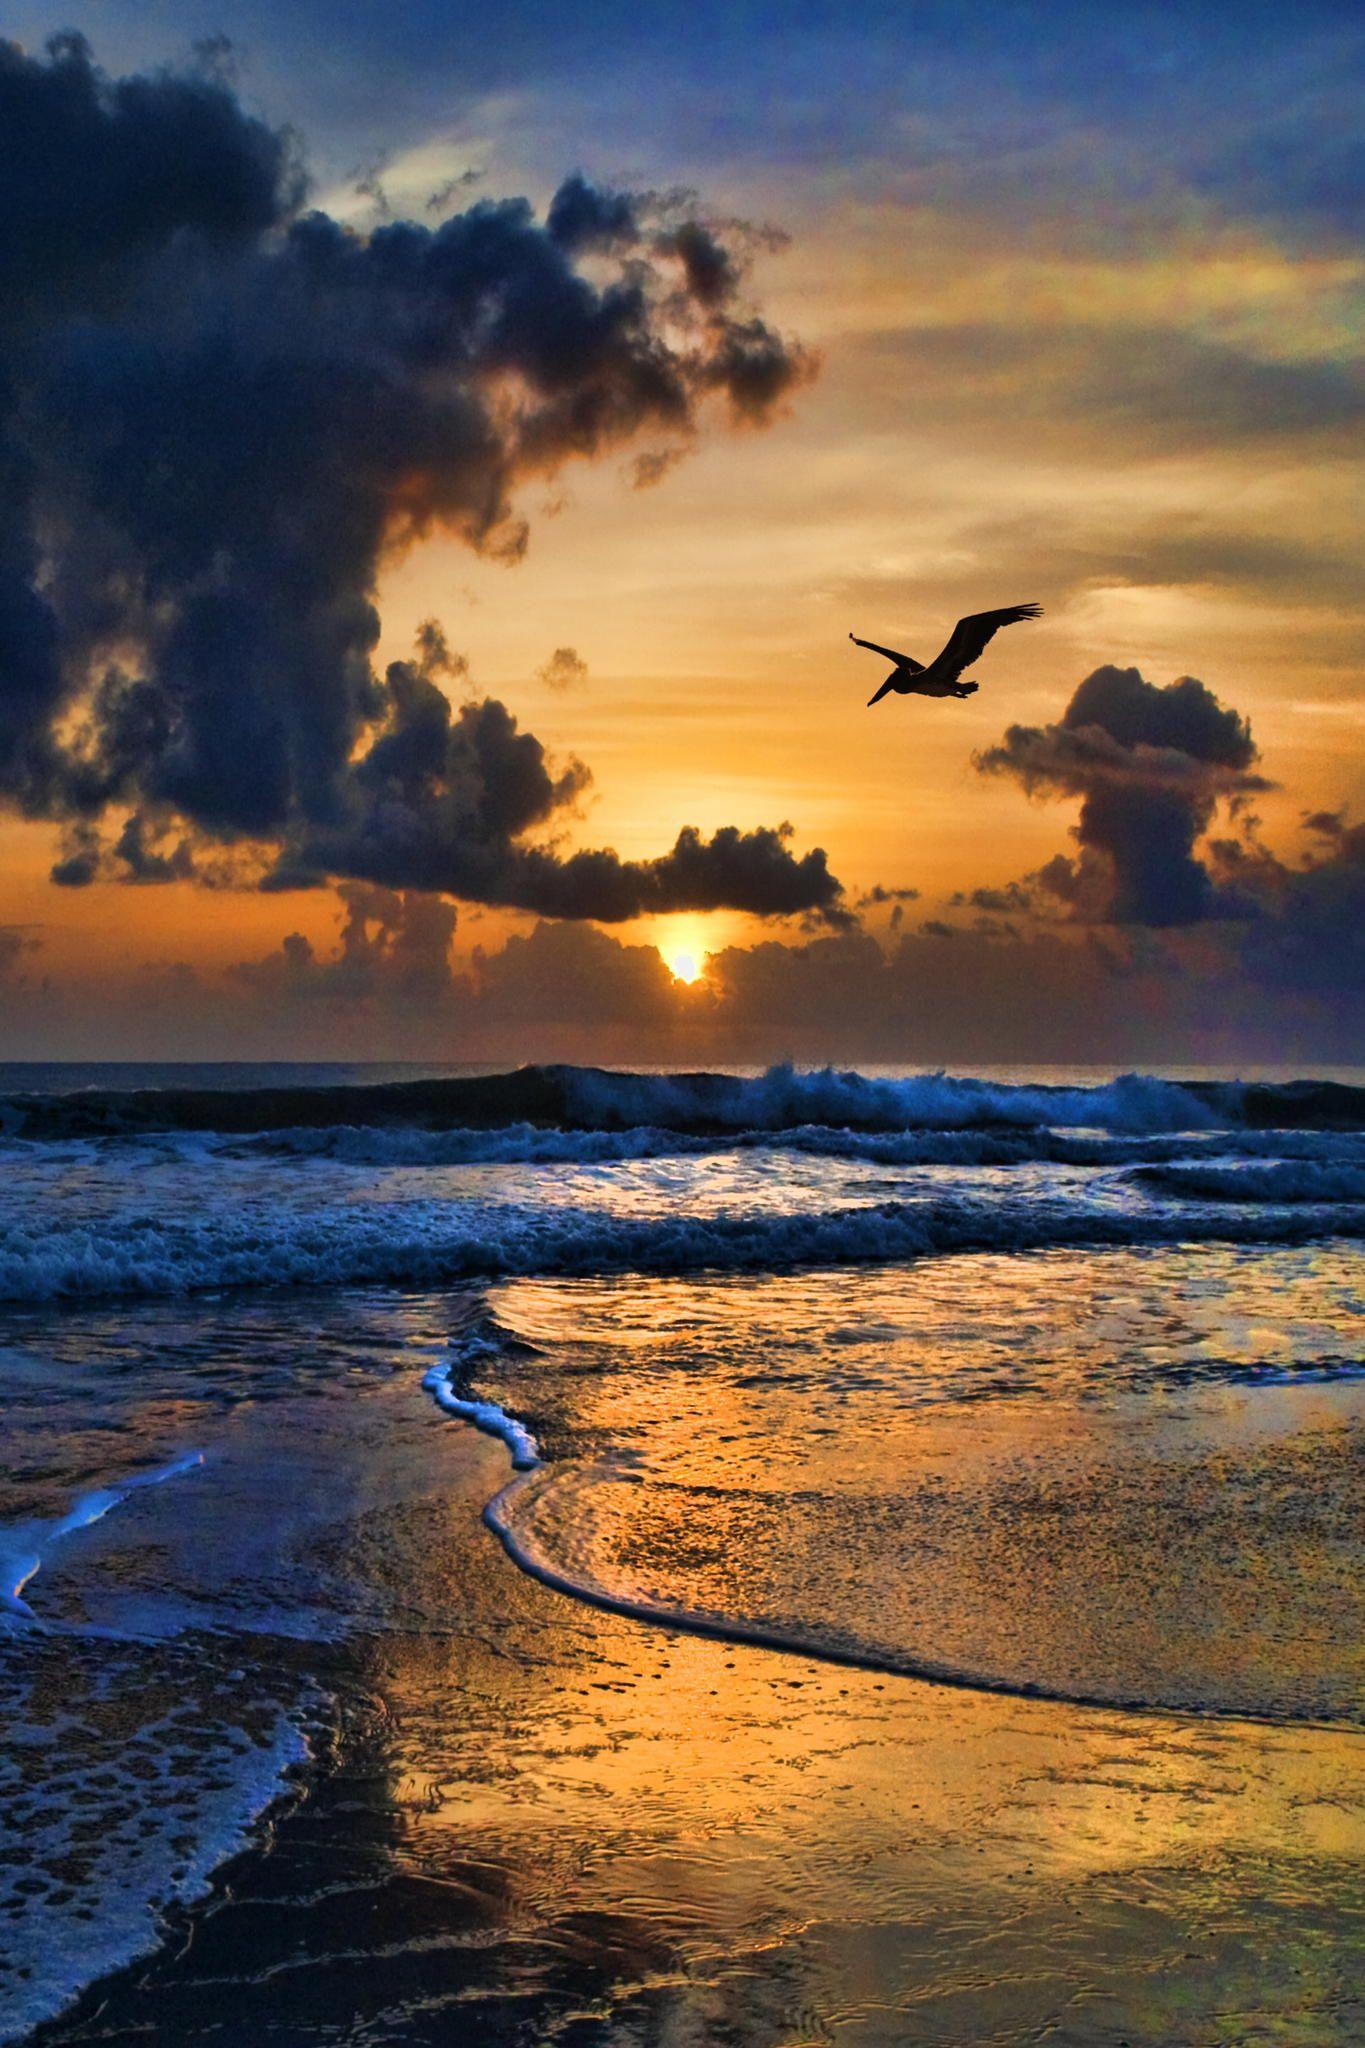 Todos nós temos uma luz interior que nos torna resilientes, que nos protege e que nos faz evoluir como pessoas, mesmo quando a vida nos sujeita a crescer contra o vento. -Maria Almeida-